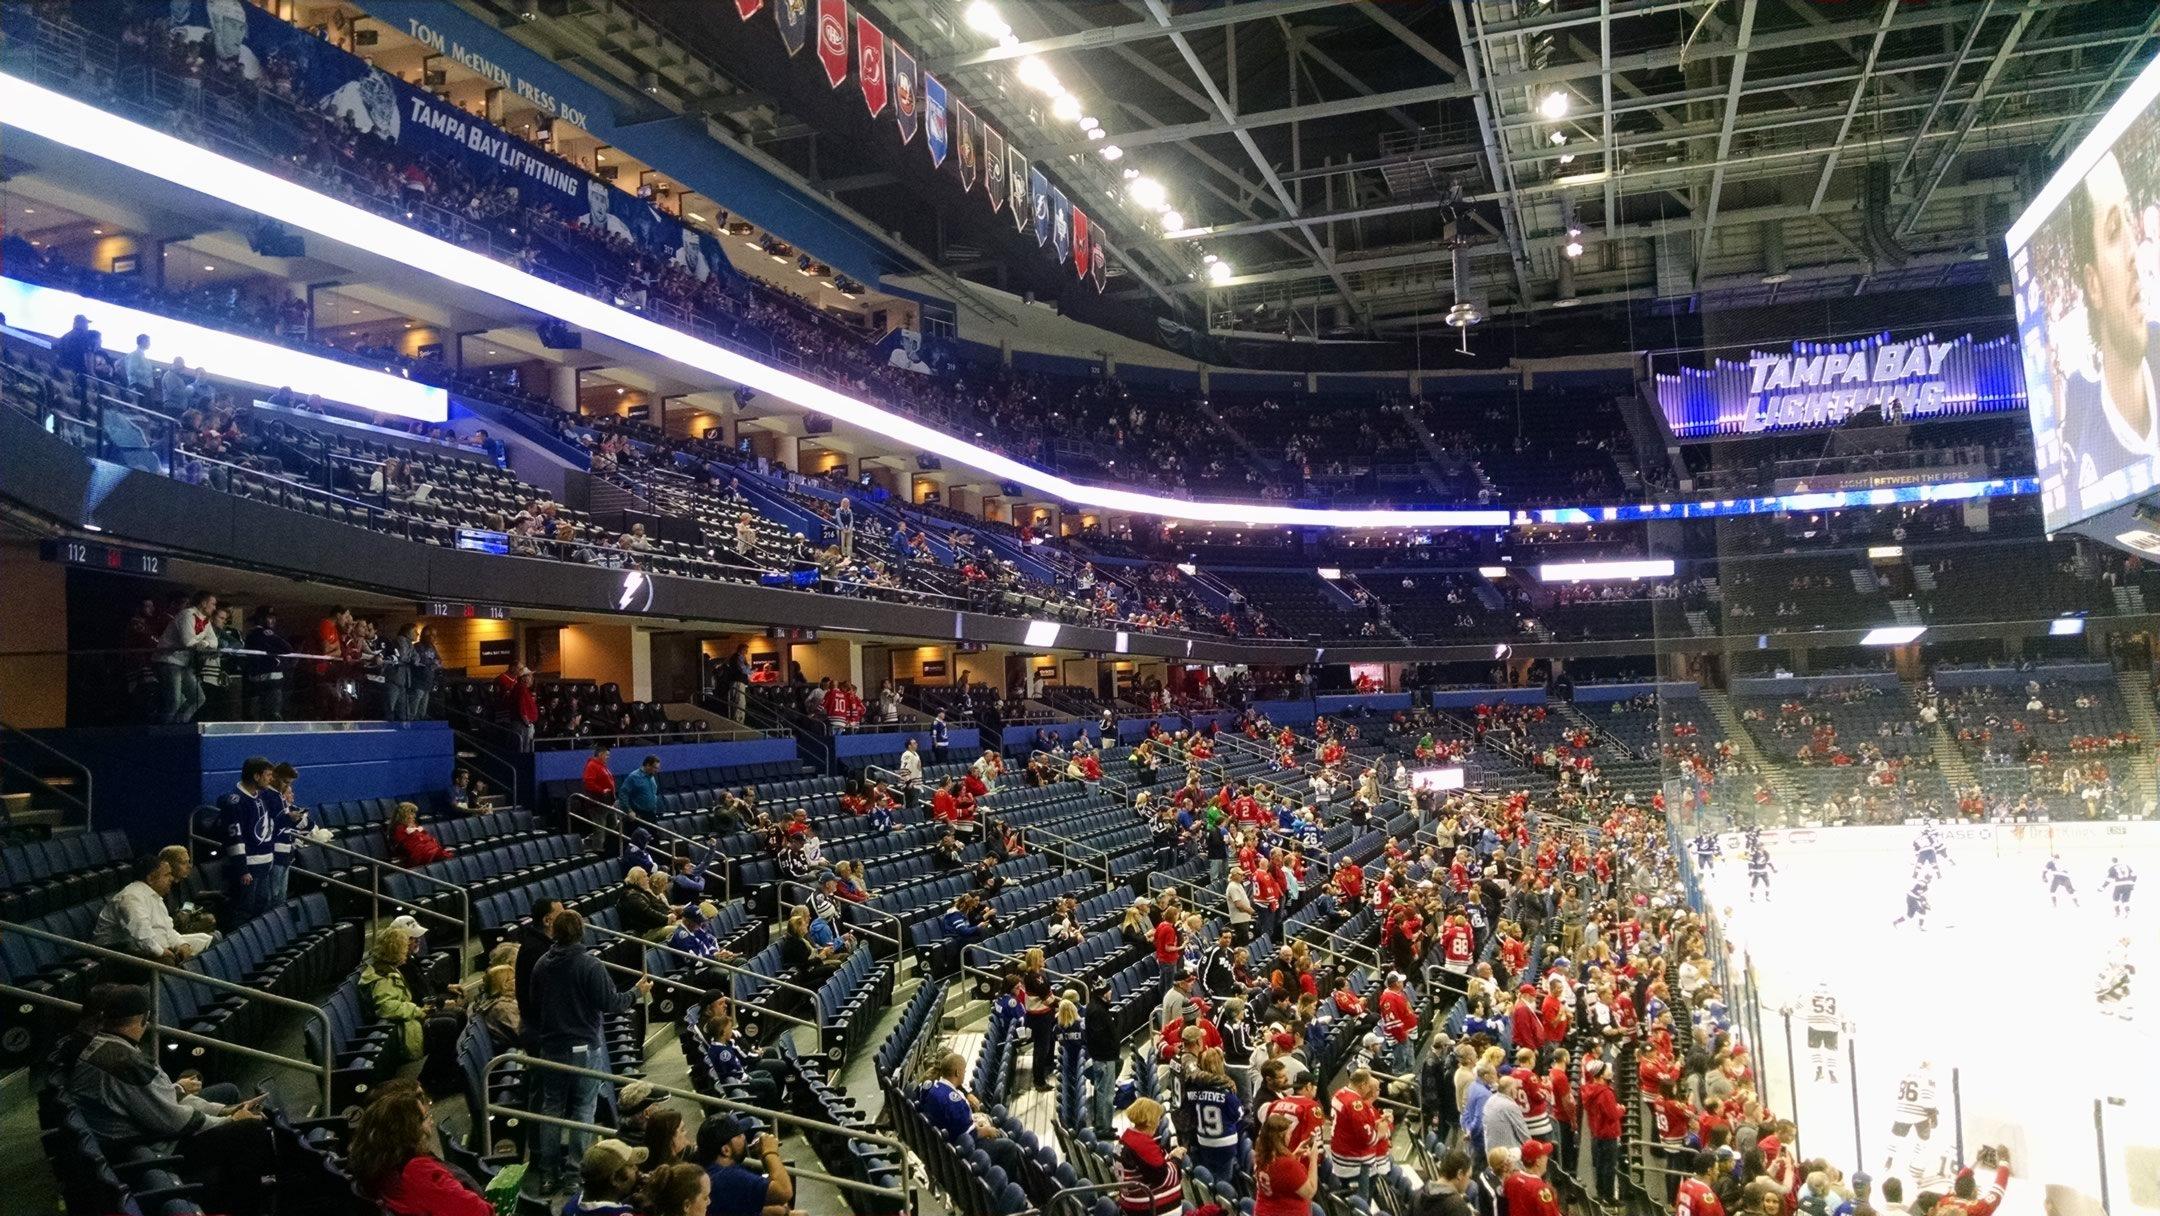 Amalie Arena Promenade Level Sides Hockey Seating